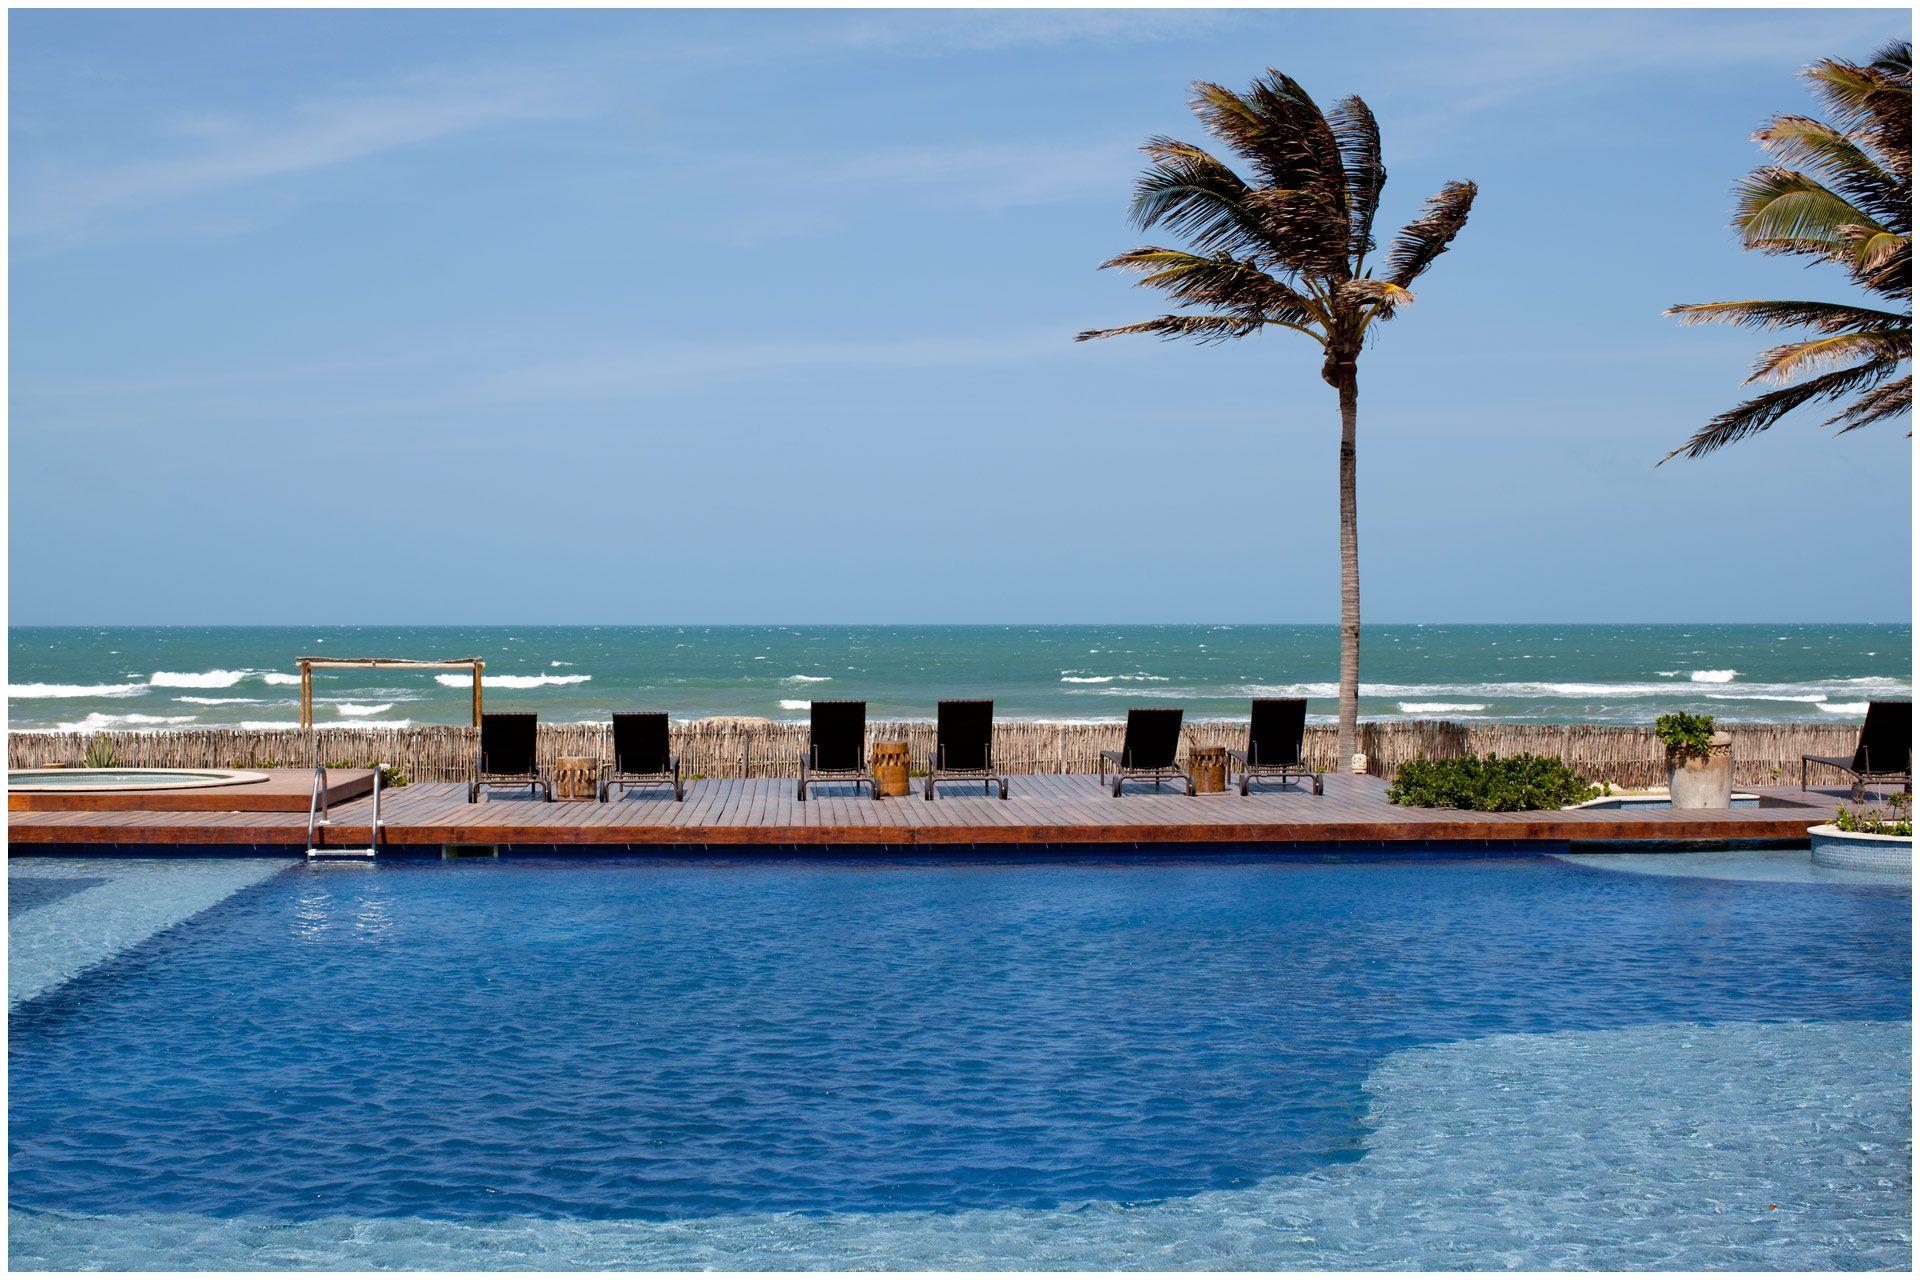 Zorah Beach Hotel I Guariju  120 km de Fortaleza 22 acomodações